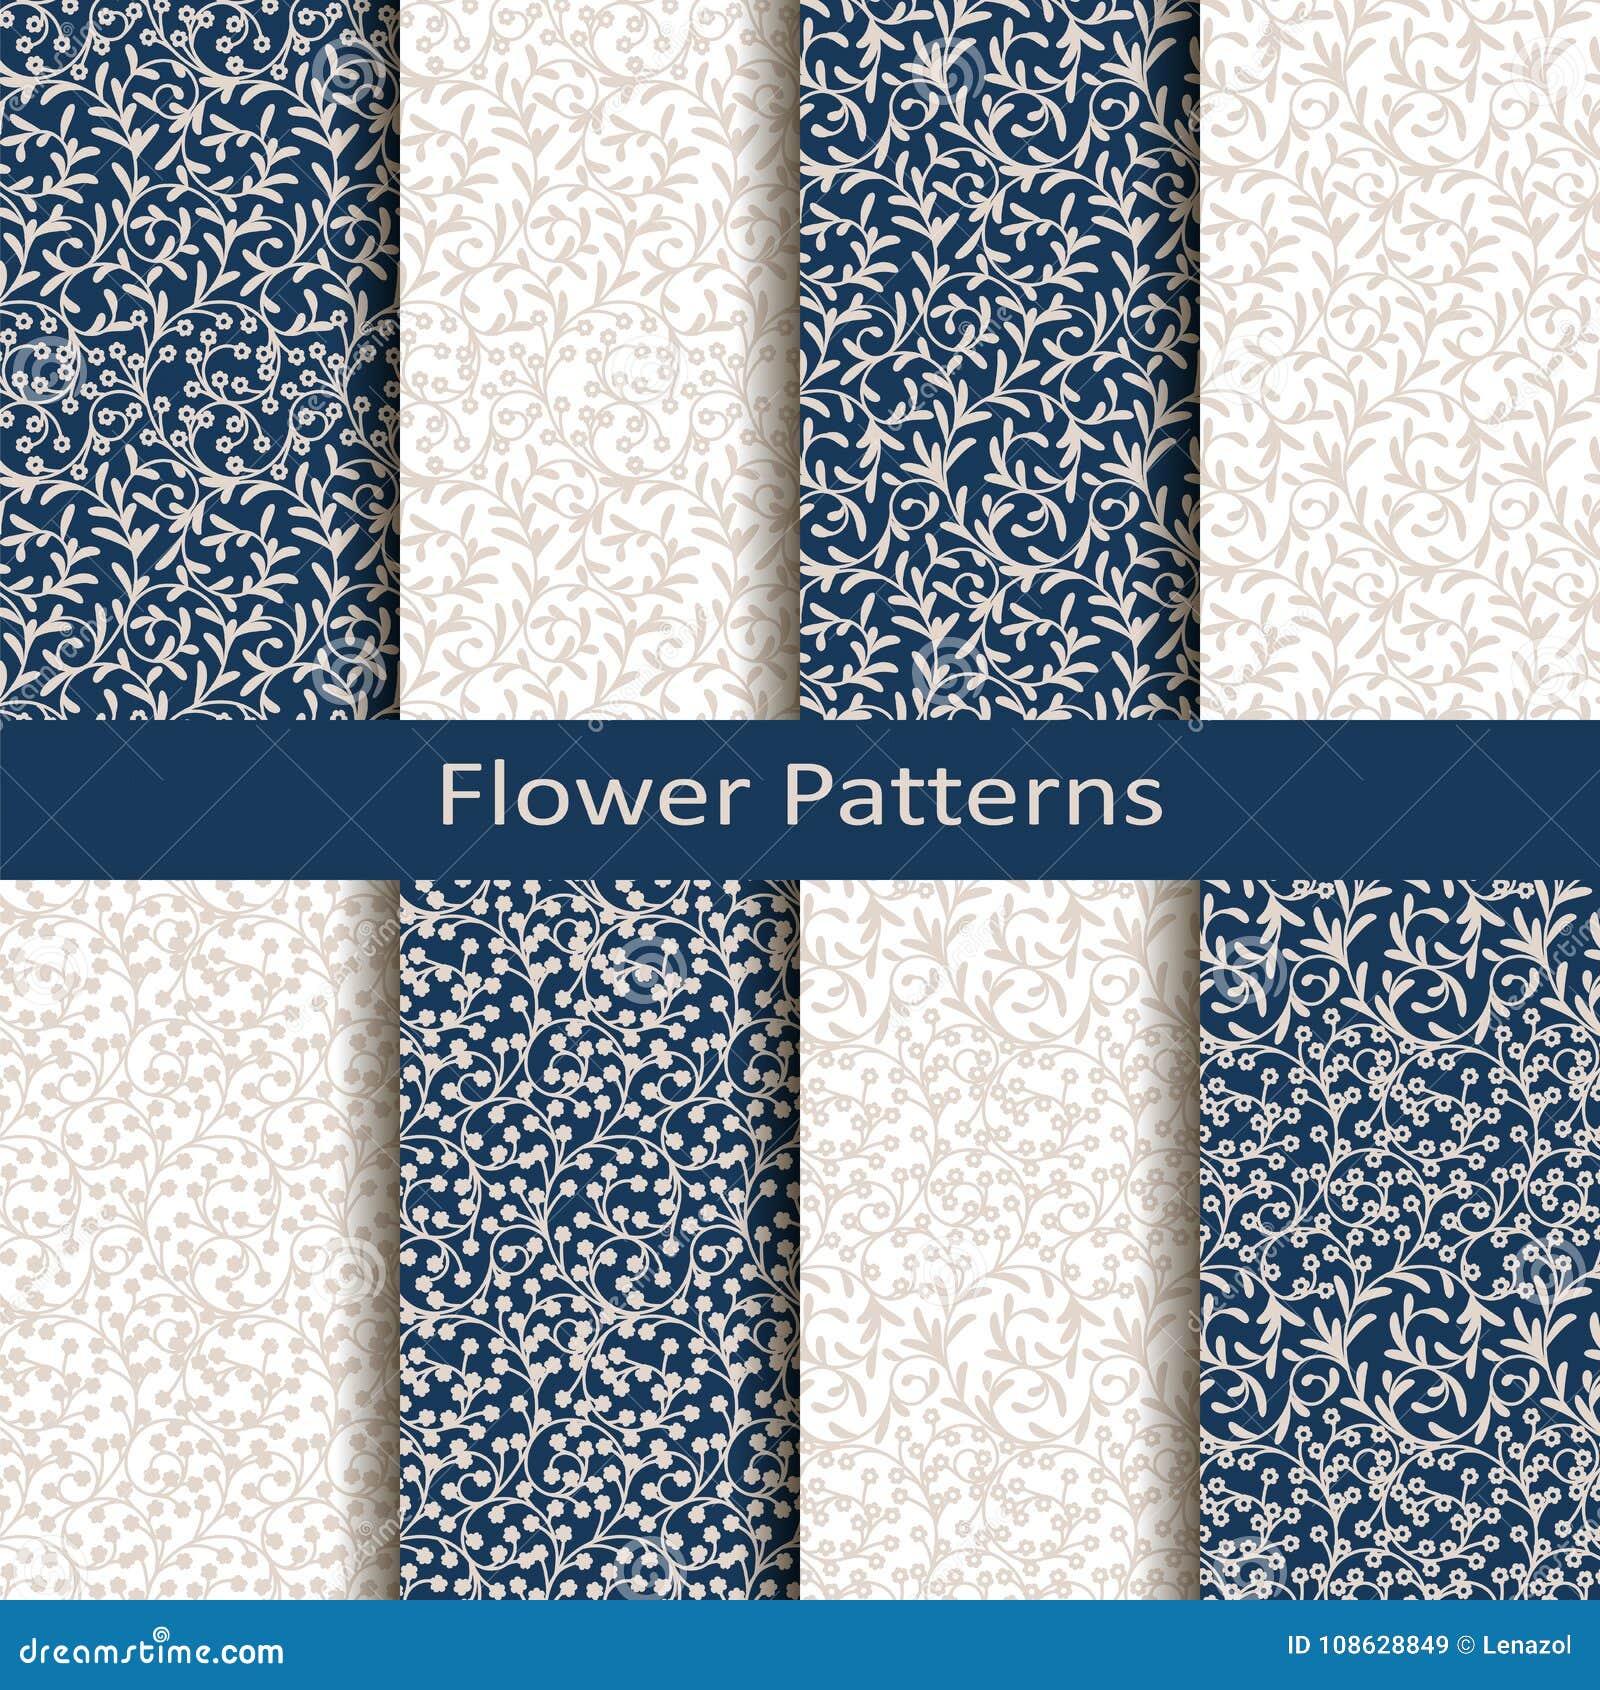 Reeks van acht naadloze vectorbloempatronen ontwerp voor verpakking, dekking, textiel